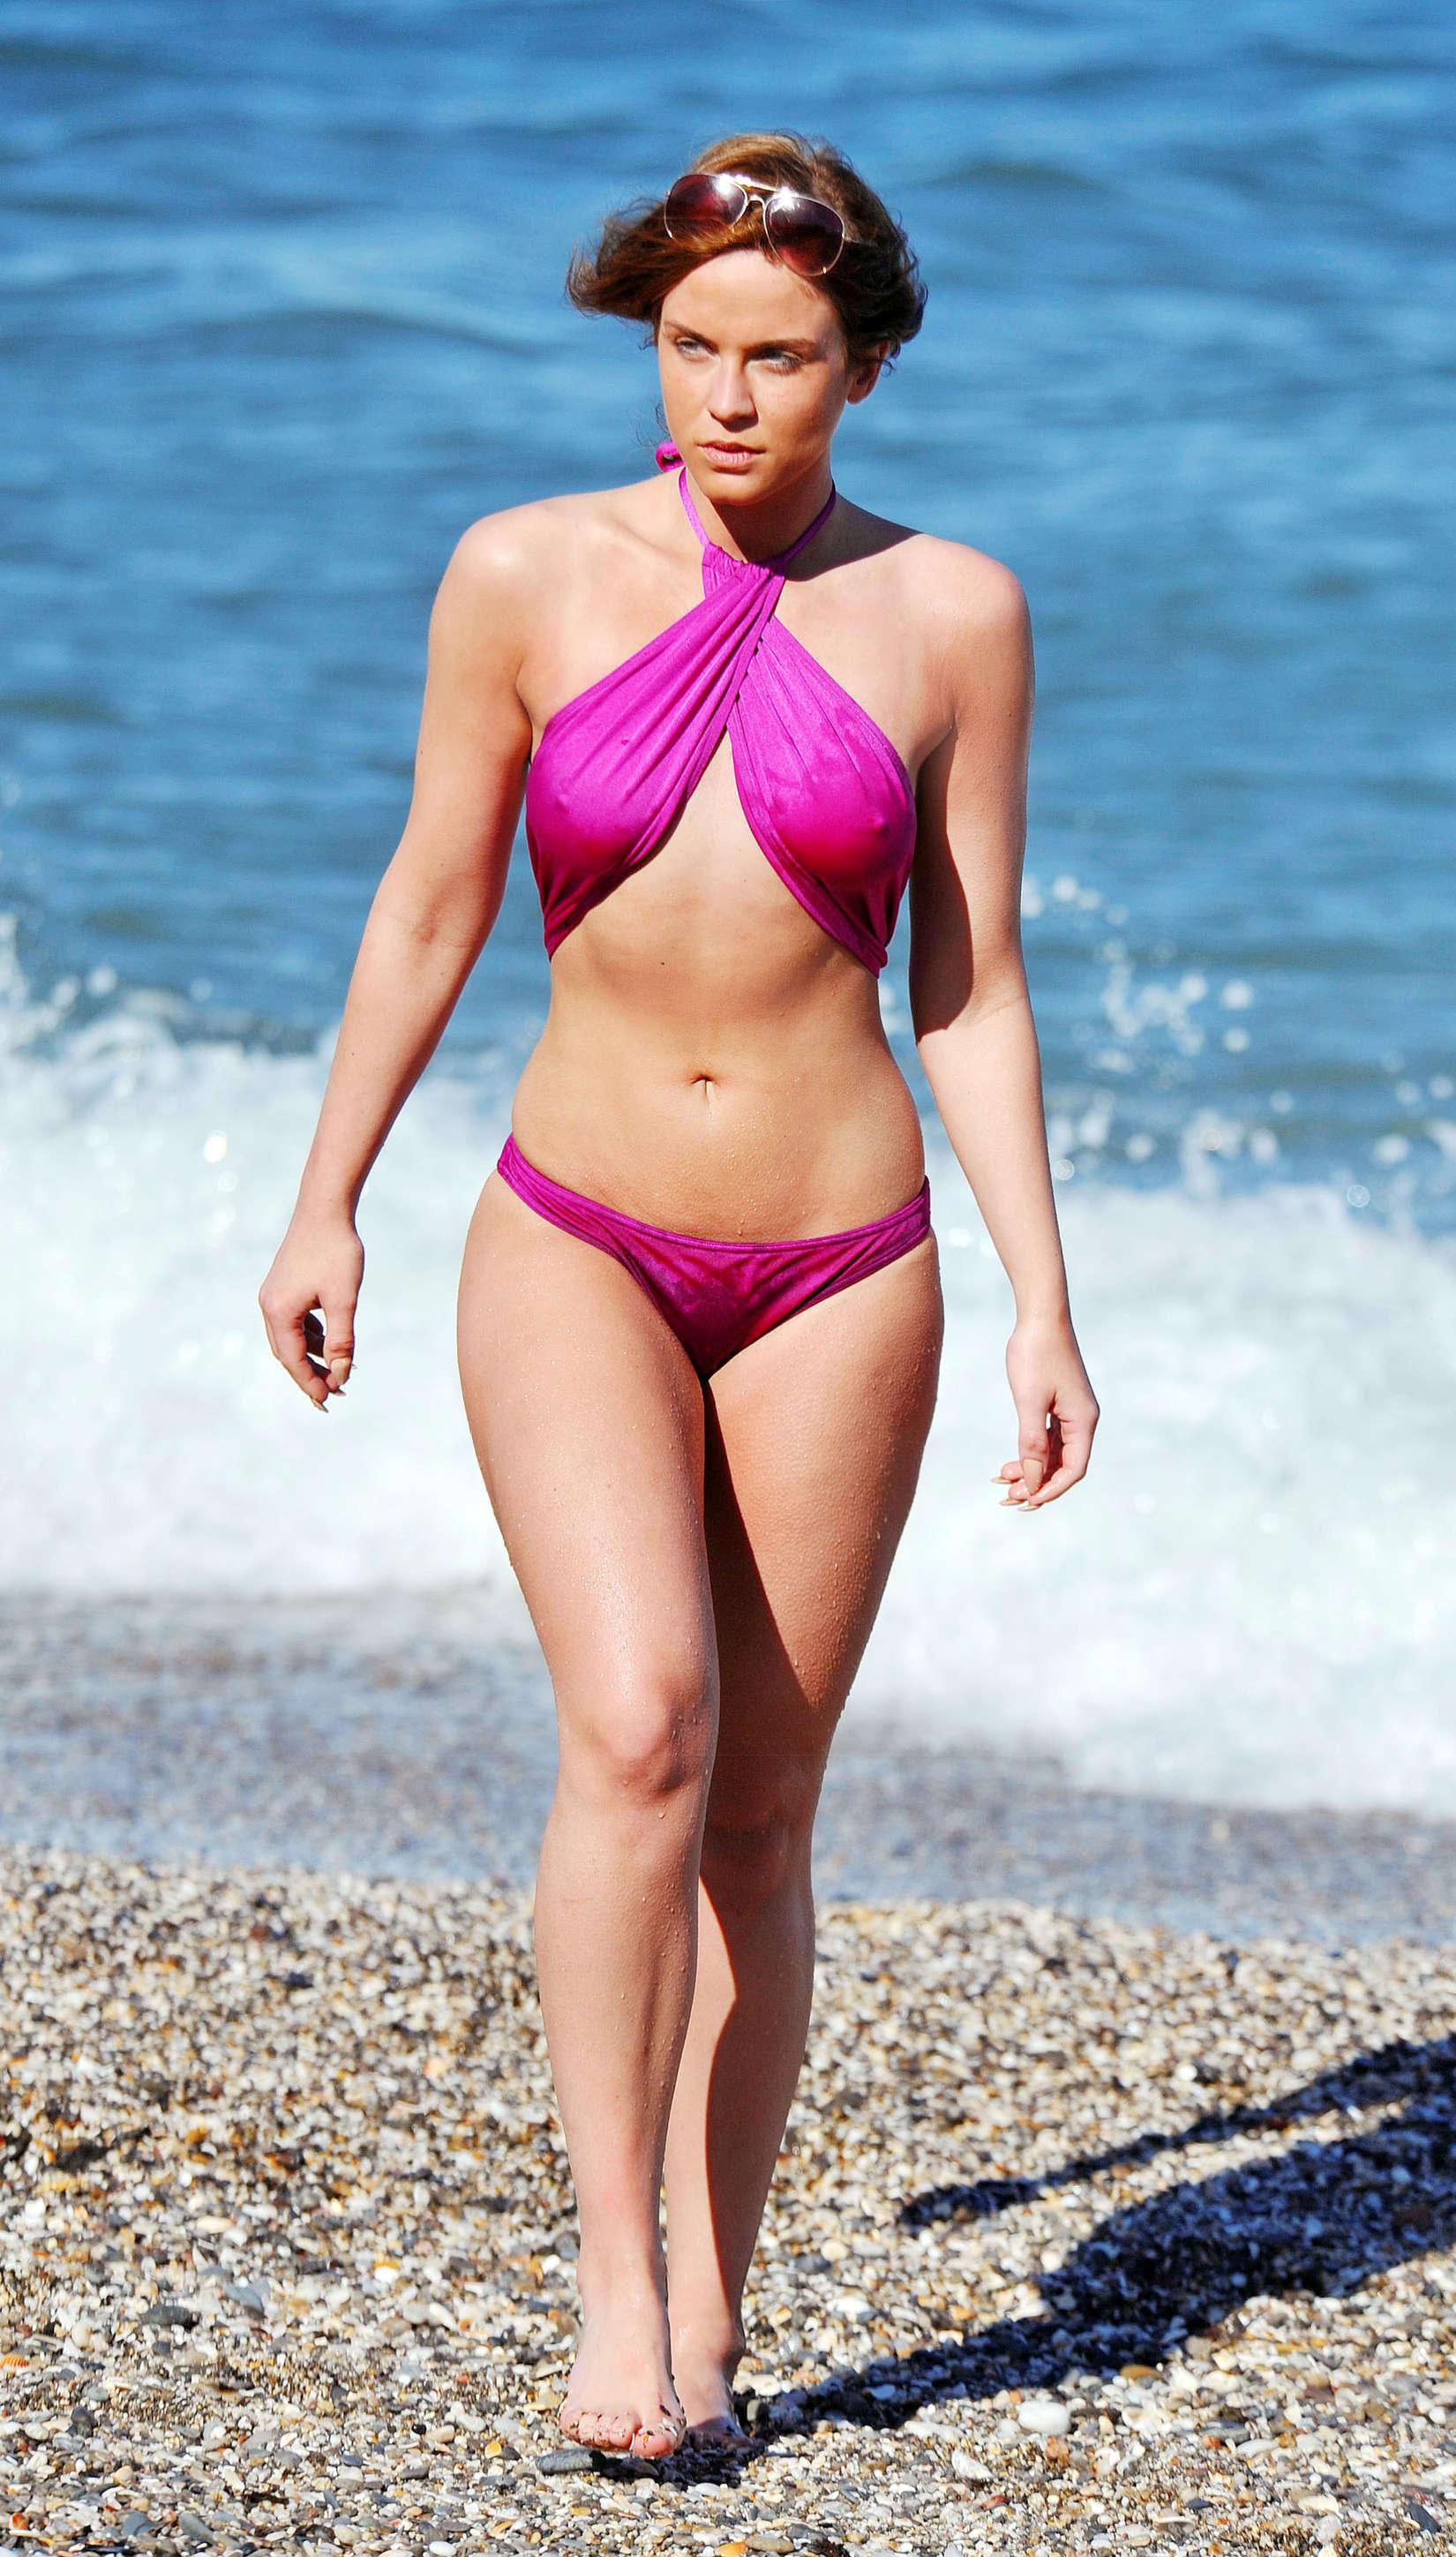 Vicky Pattison 2014 : Vicky Pattison Bikini Photos: In Marbella -05